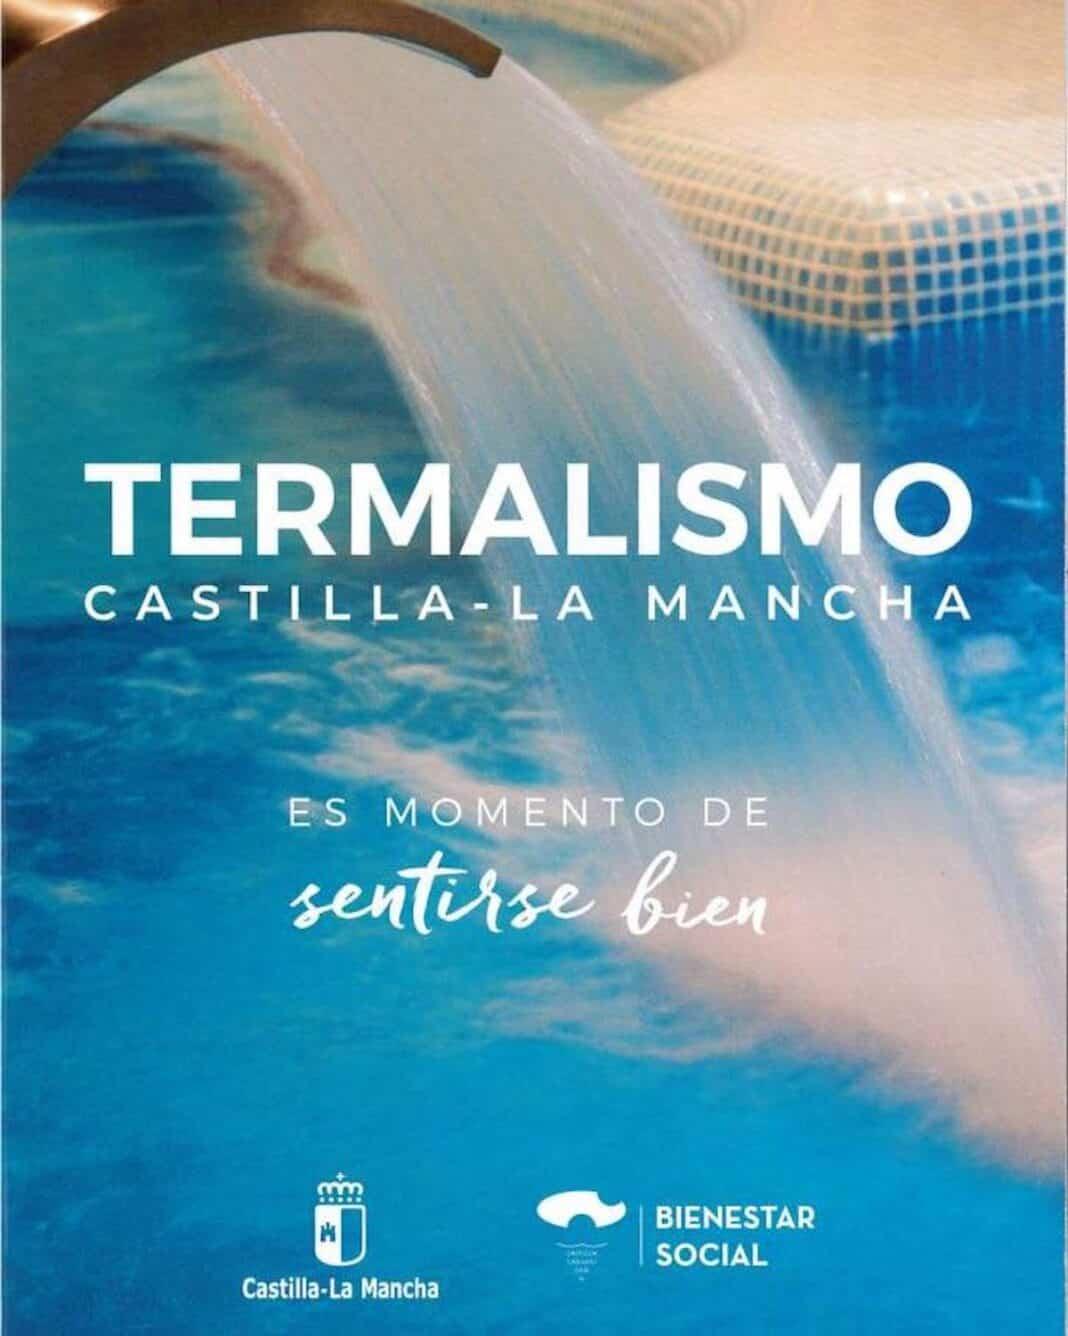 Convocado el programa de Termalismo en Castilla-La Mancha 1